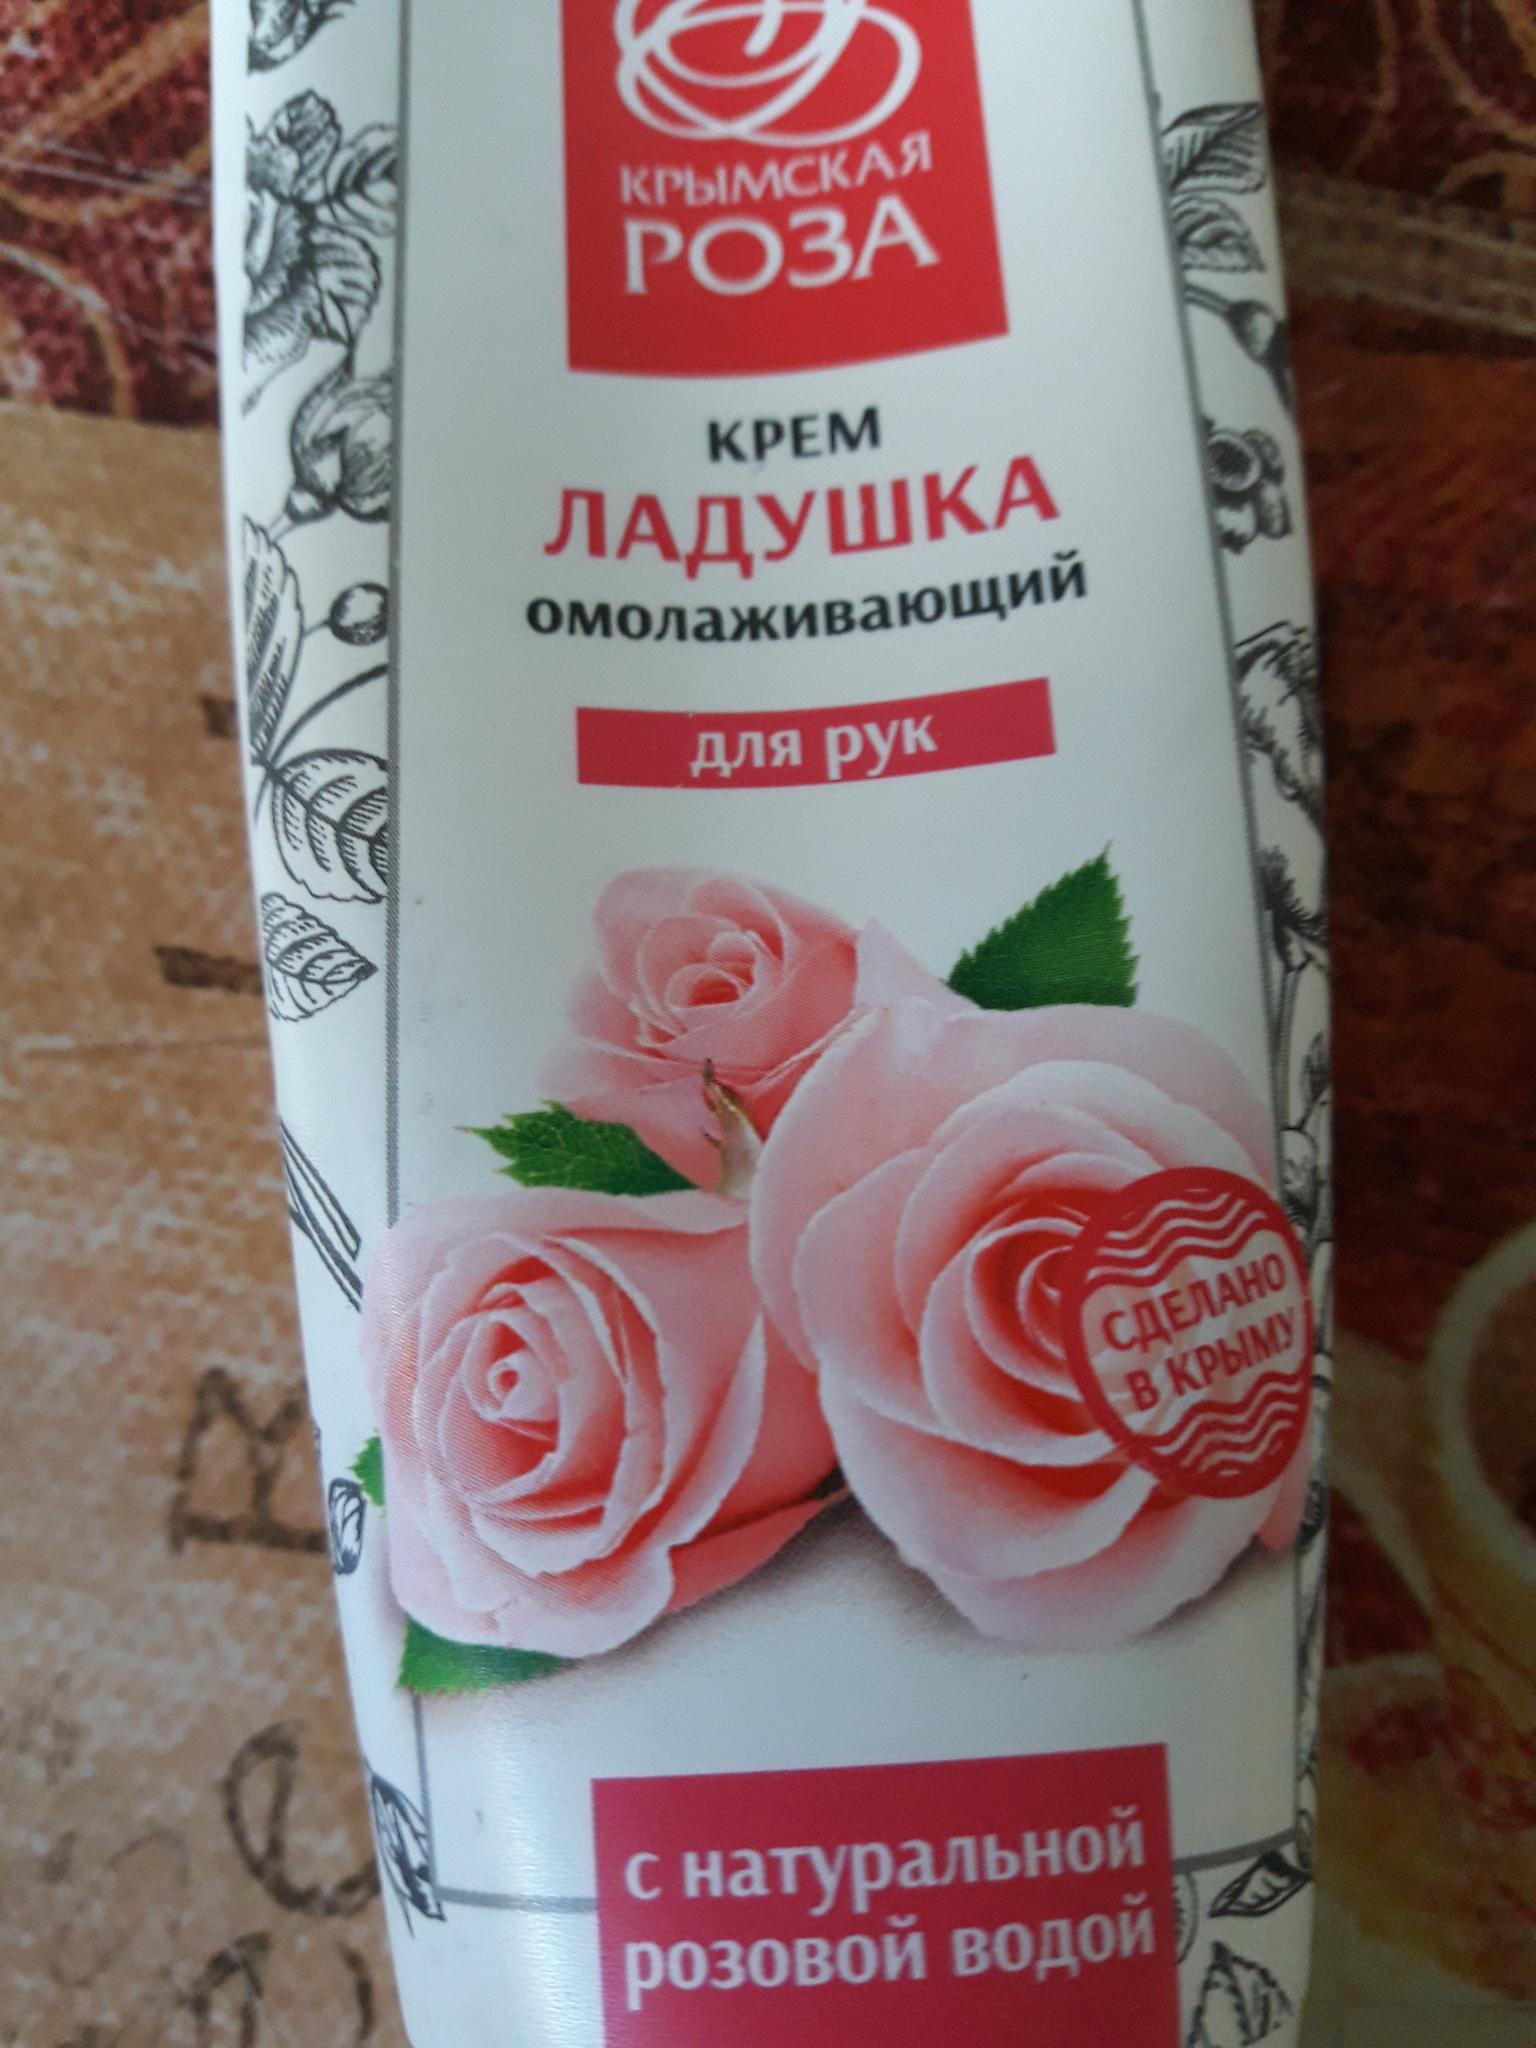 Крымская косметика где купить в алуште 11596 эйвон